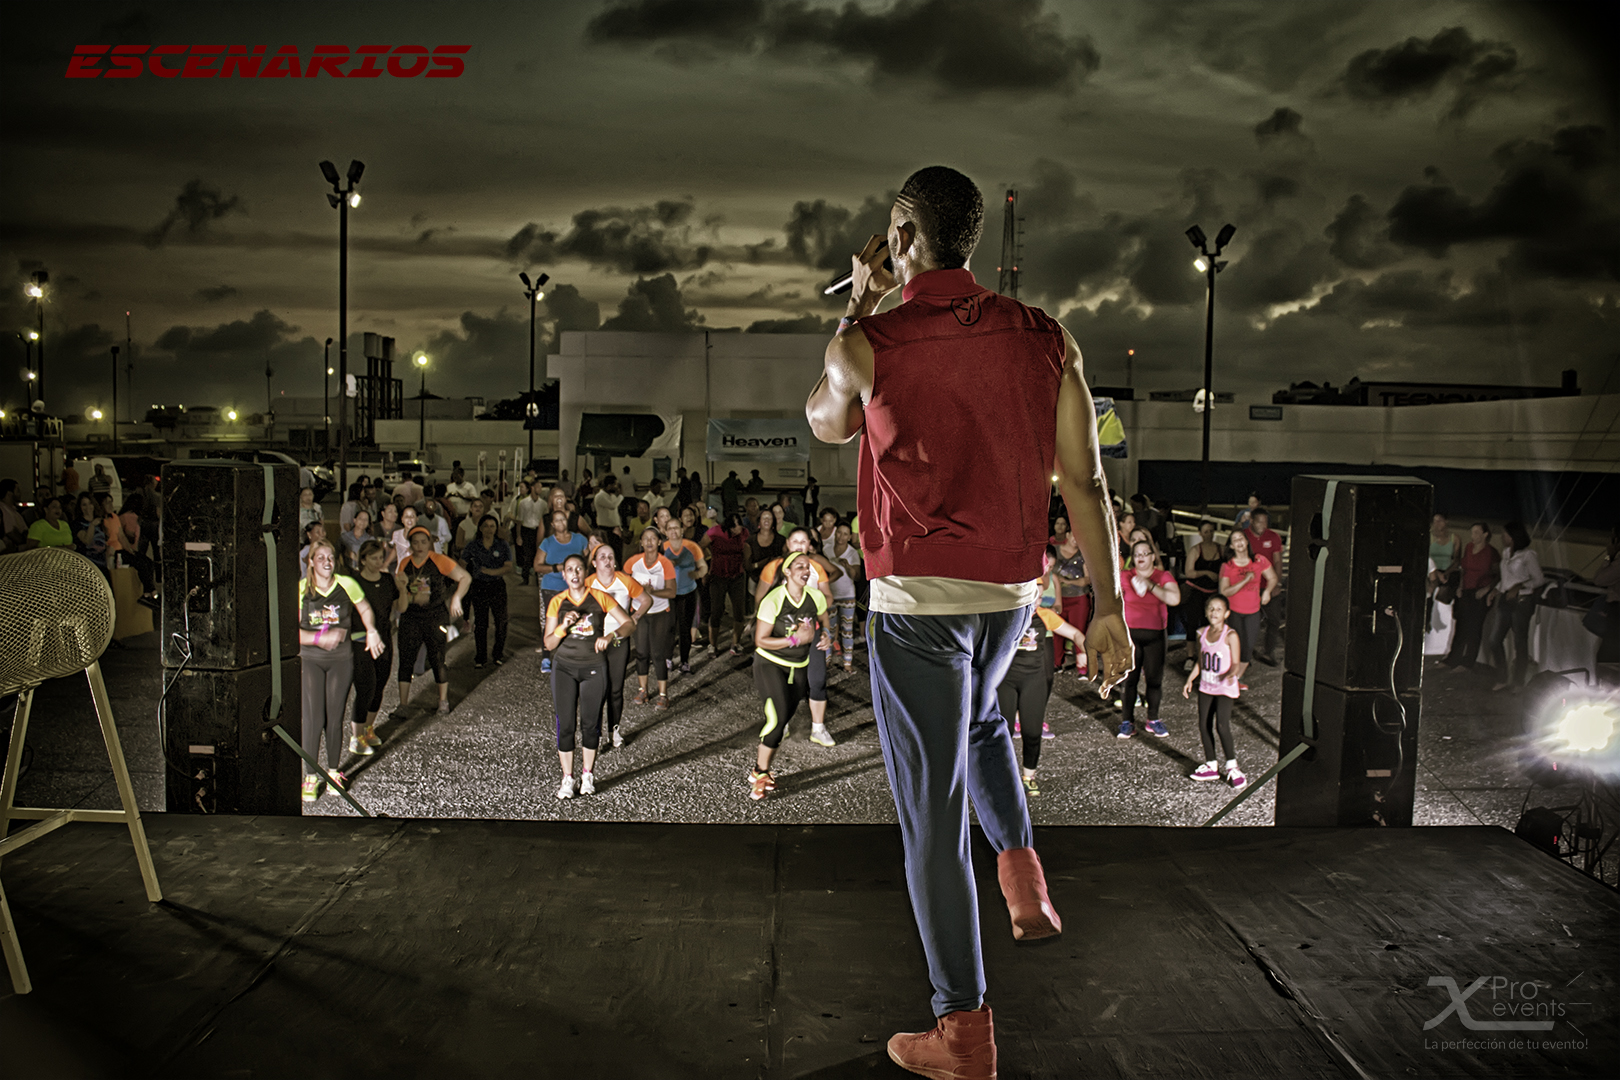 www.Xproevents.com - Zumbathon con Carlos Torres en Plaza Lama (Stage view)